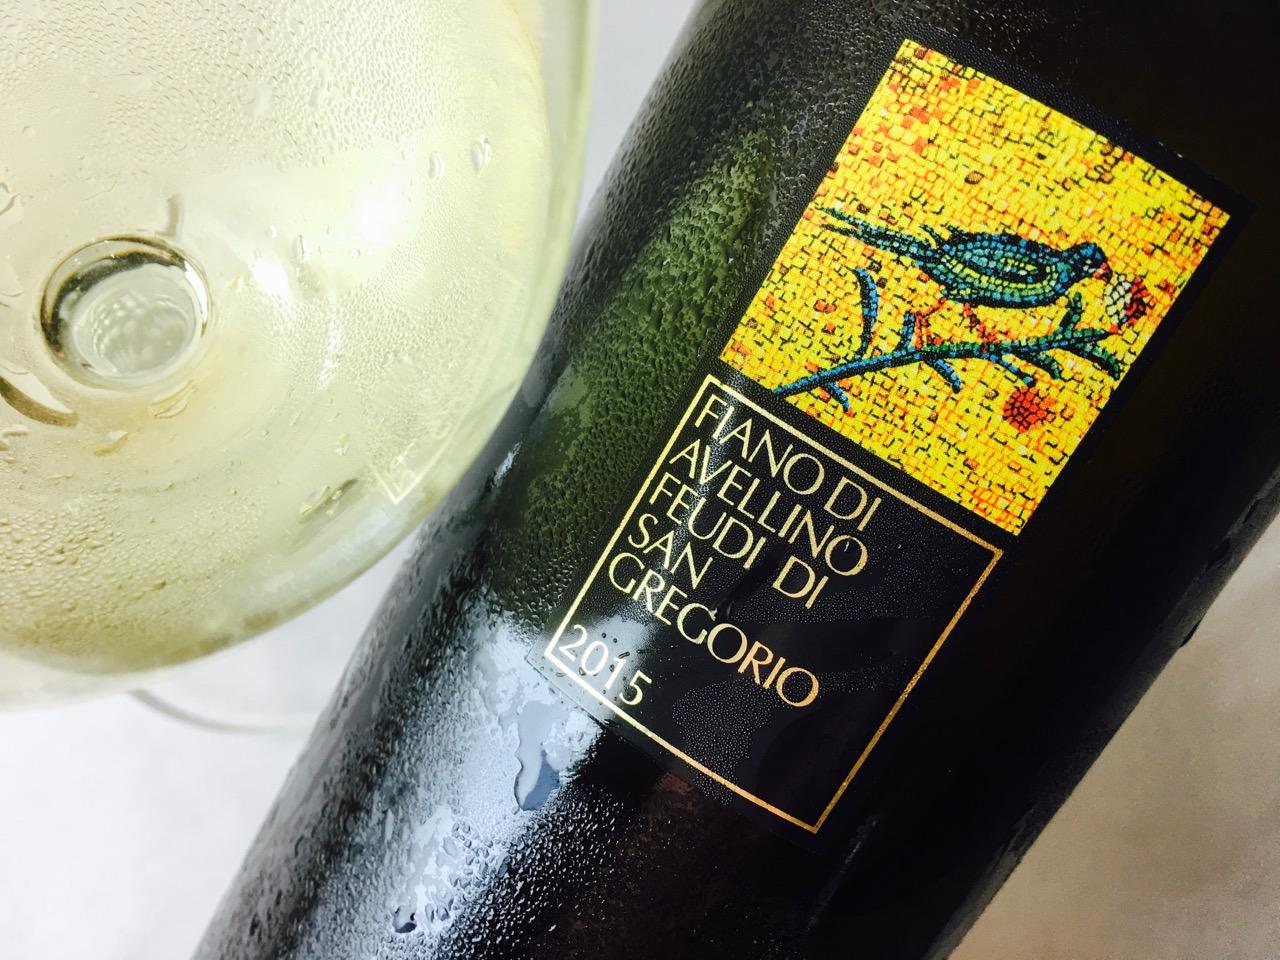 2015 Feudi di San Gregorio Fiano di Avellino